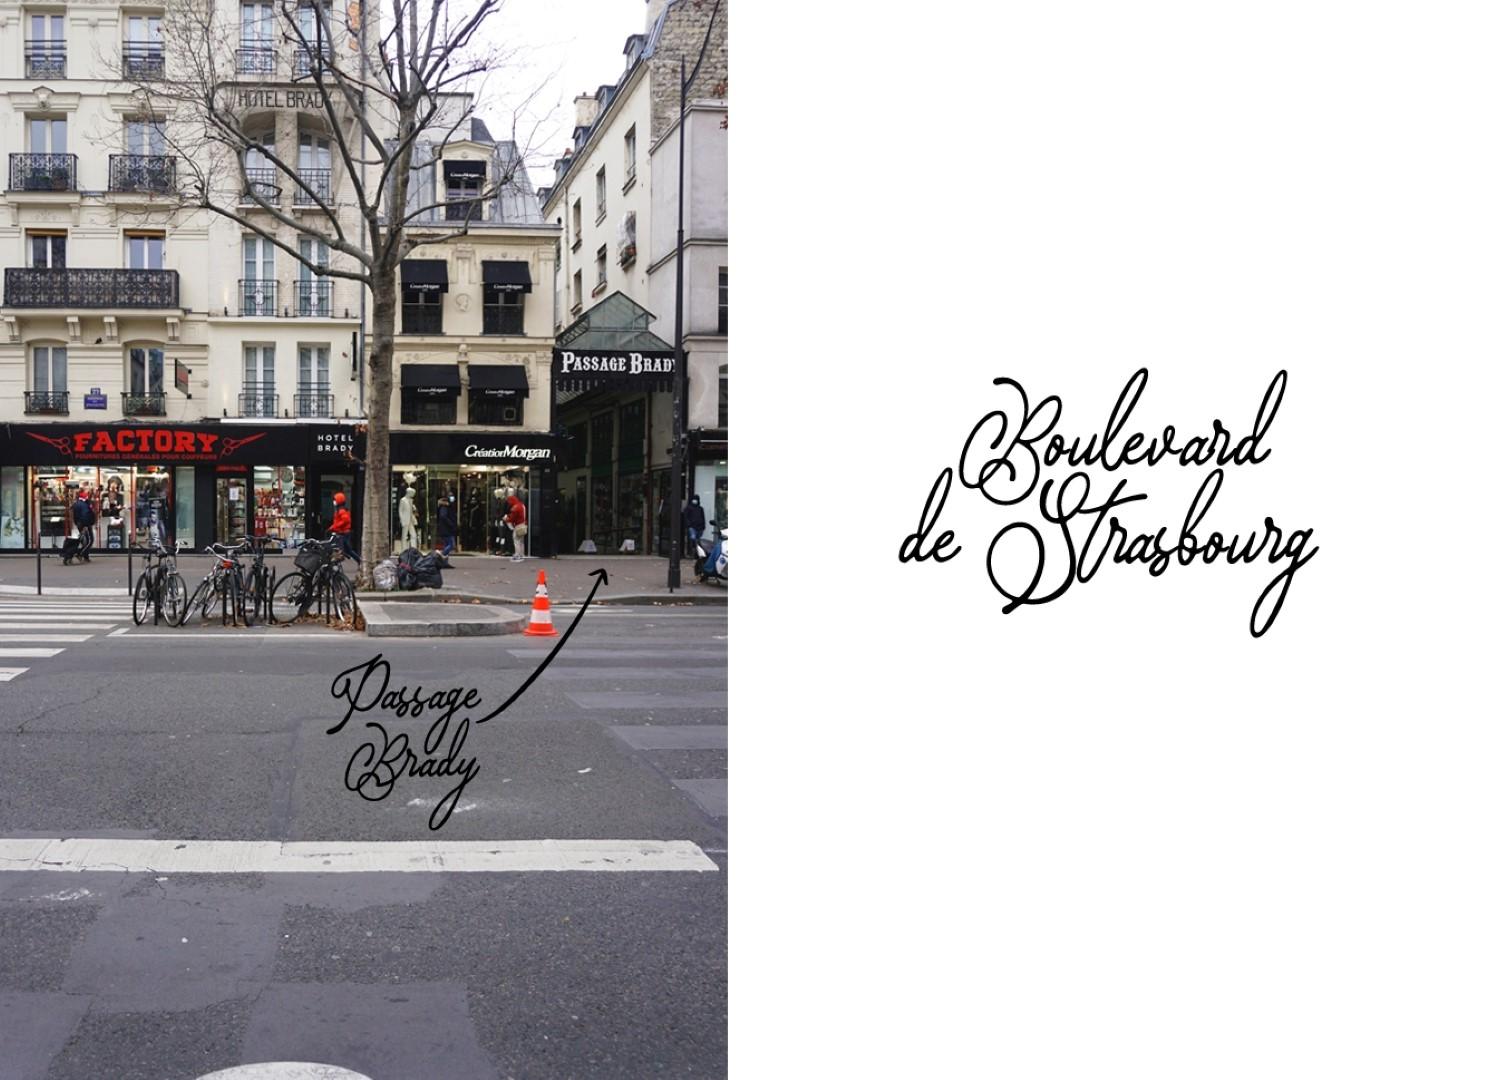 Boulevard de Strasbourg - Balade dans les 9e et 10e arrondissements de Paris - De place de la République à Pigalle